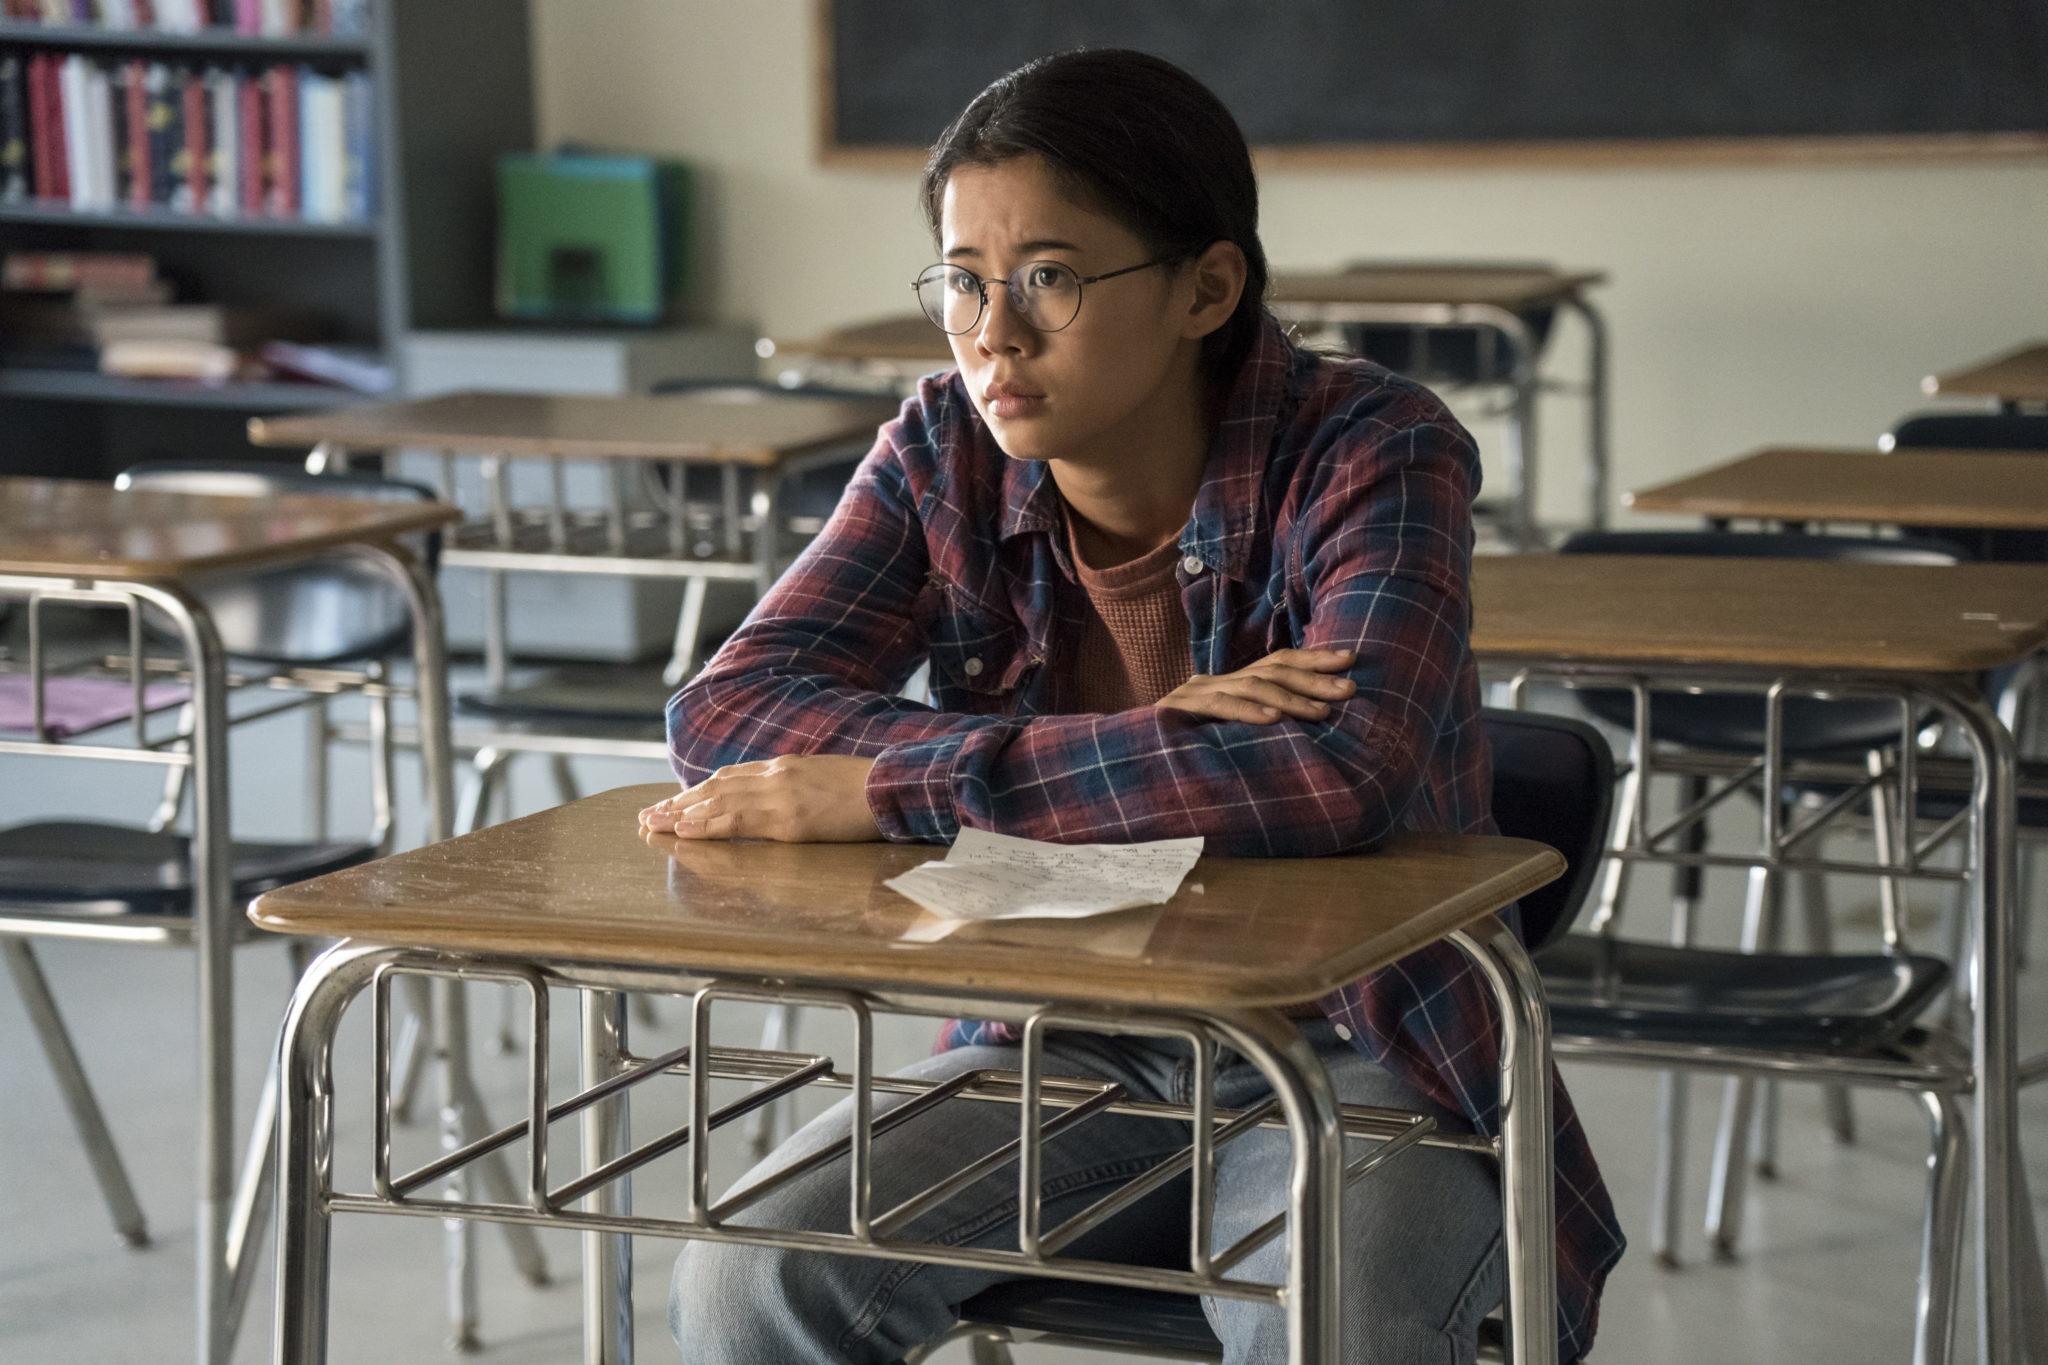 Ellie sitz allein im Klassenzimmer in Nur die halbe Geschichte